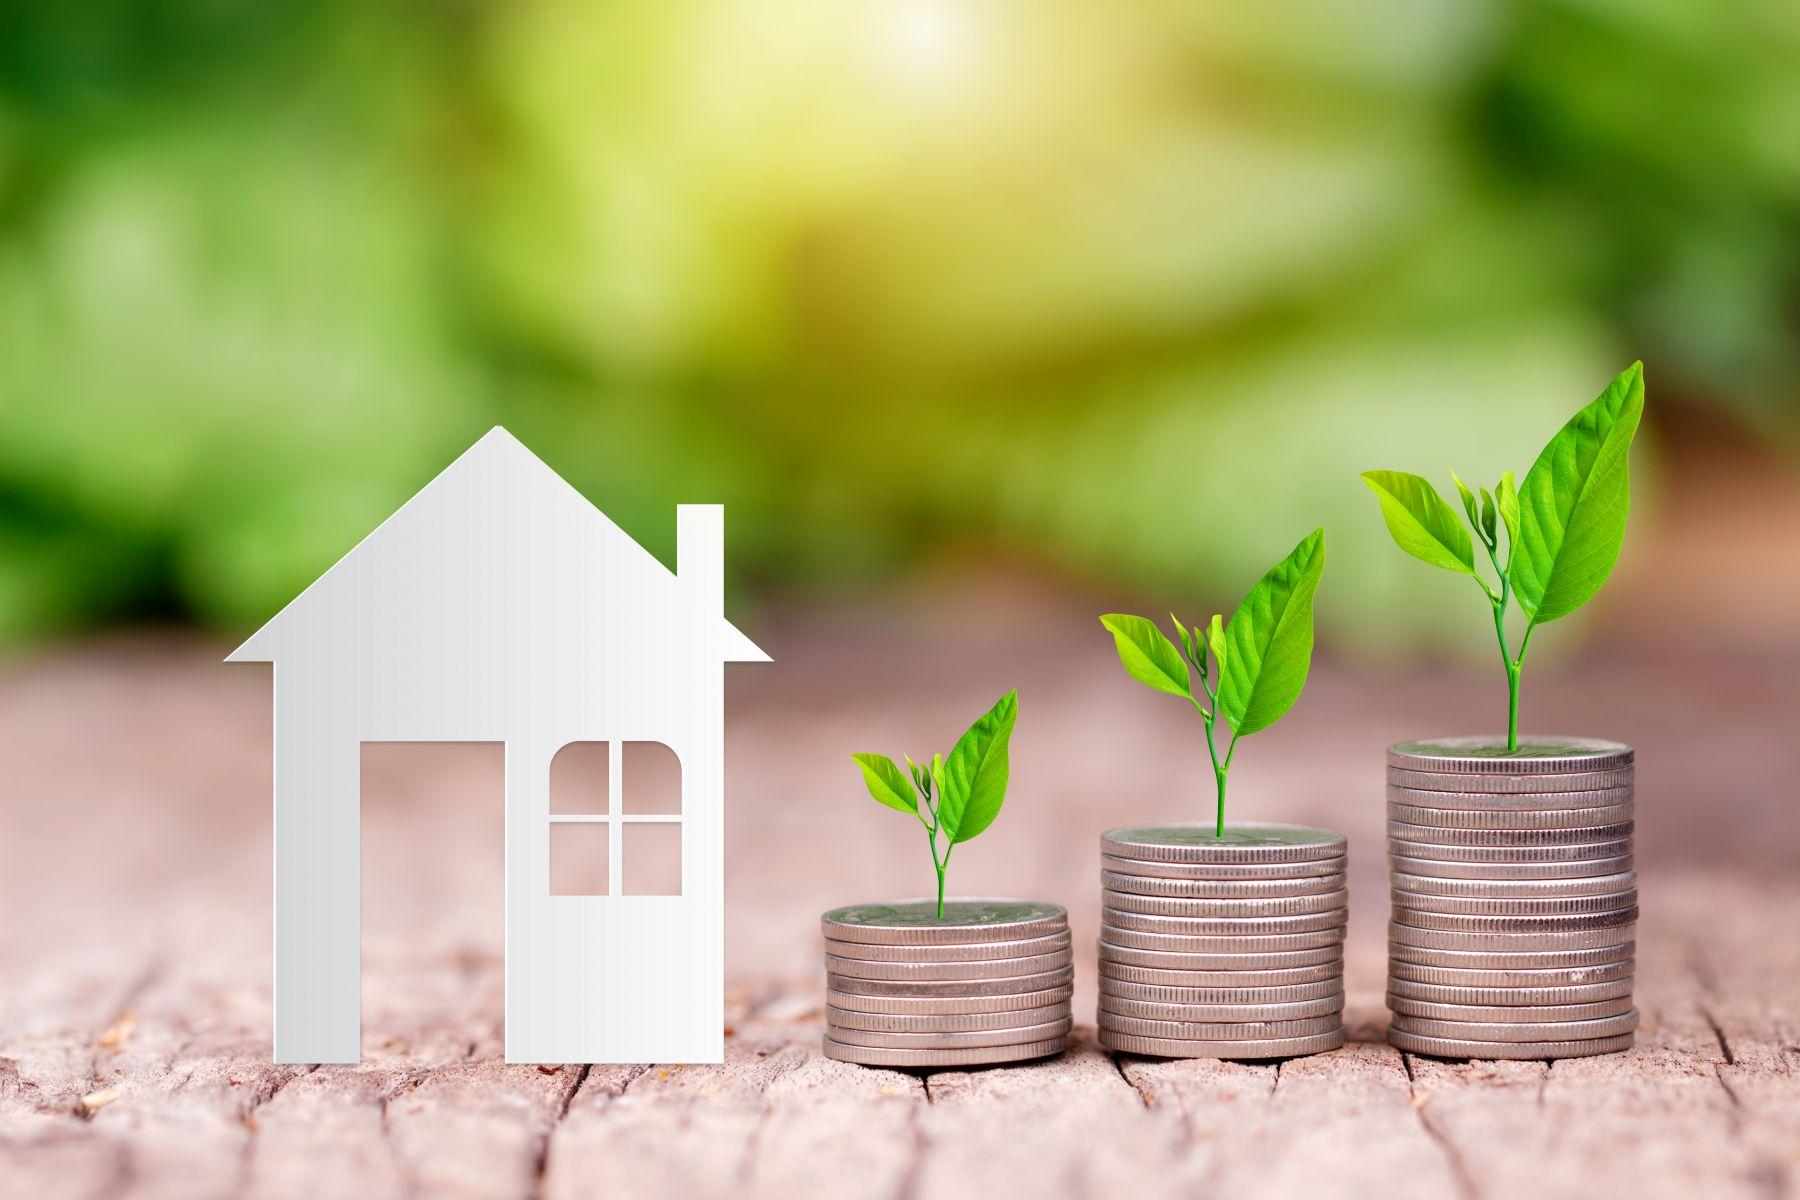 買房自備款該如何準備?要存多少錢?房市專家分享自身經驗「存到這數字」很重要